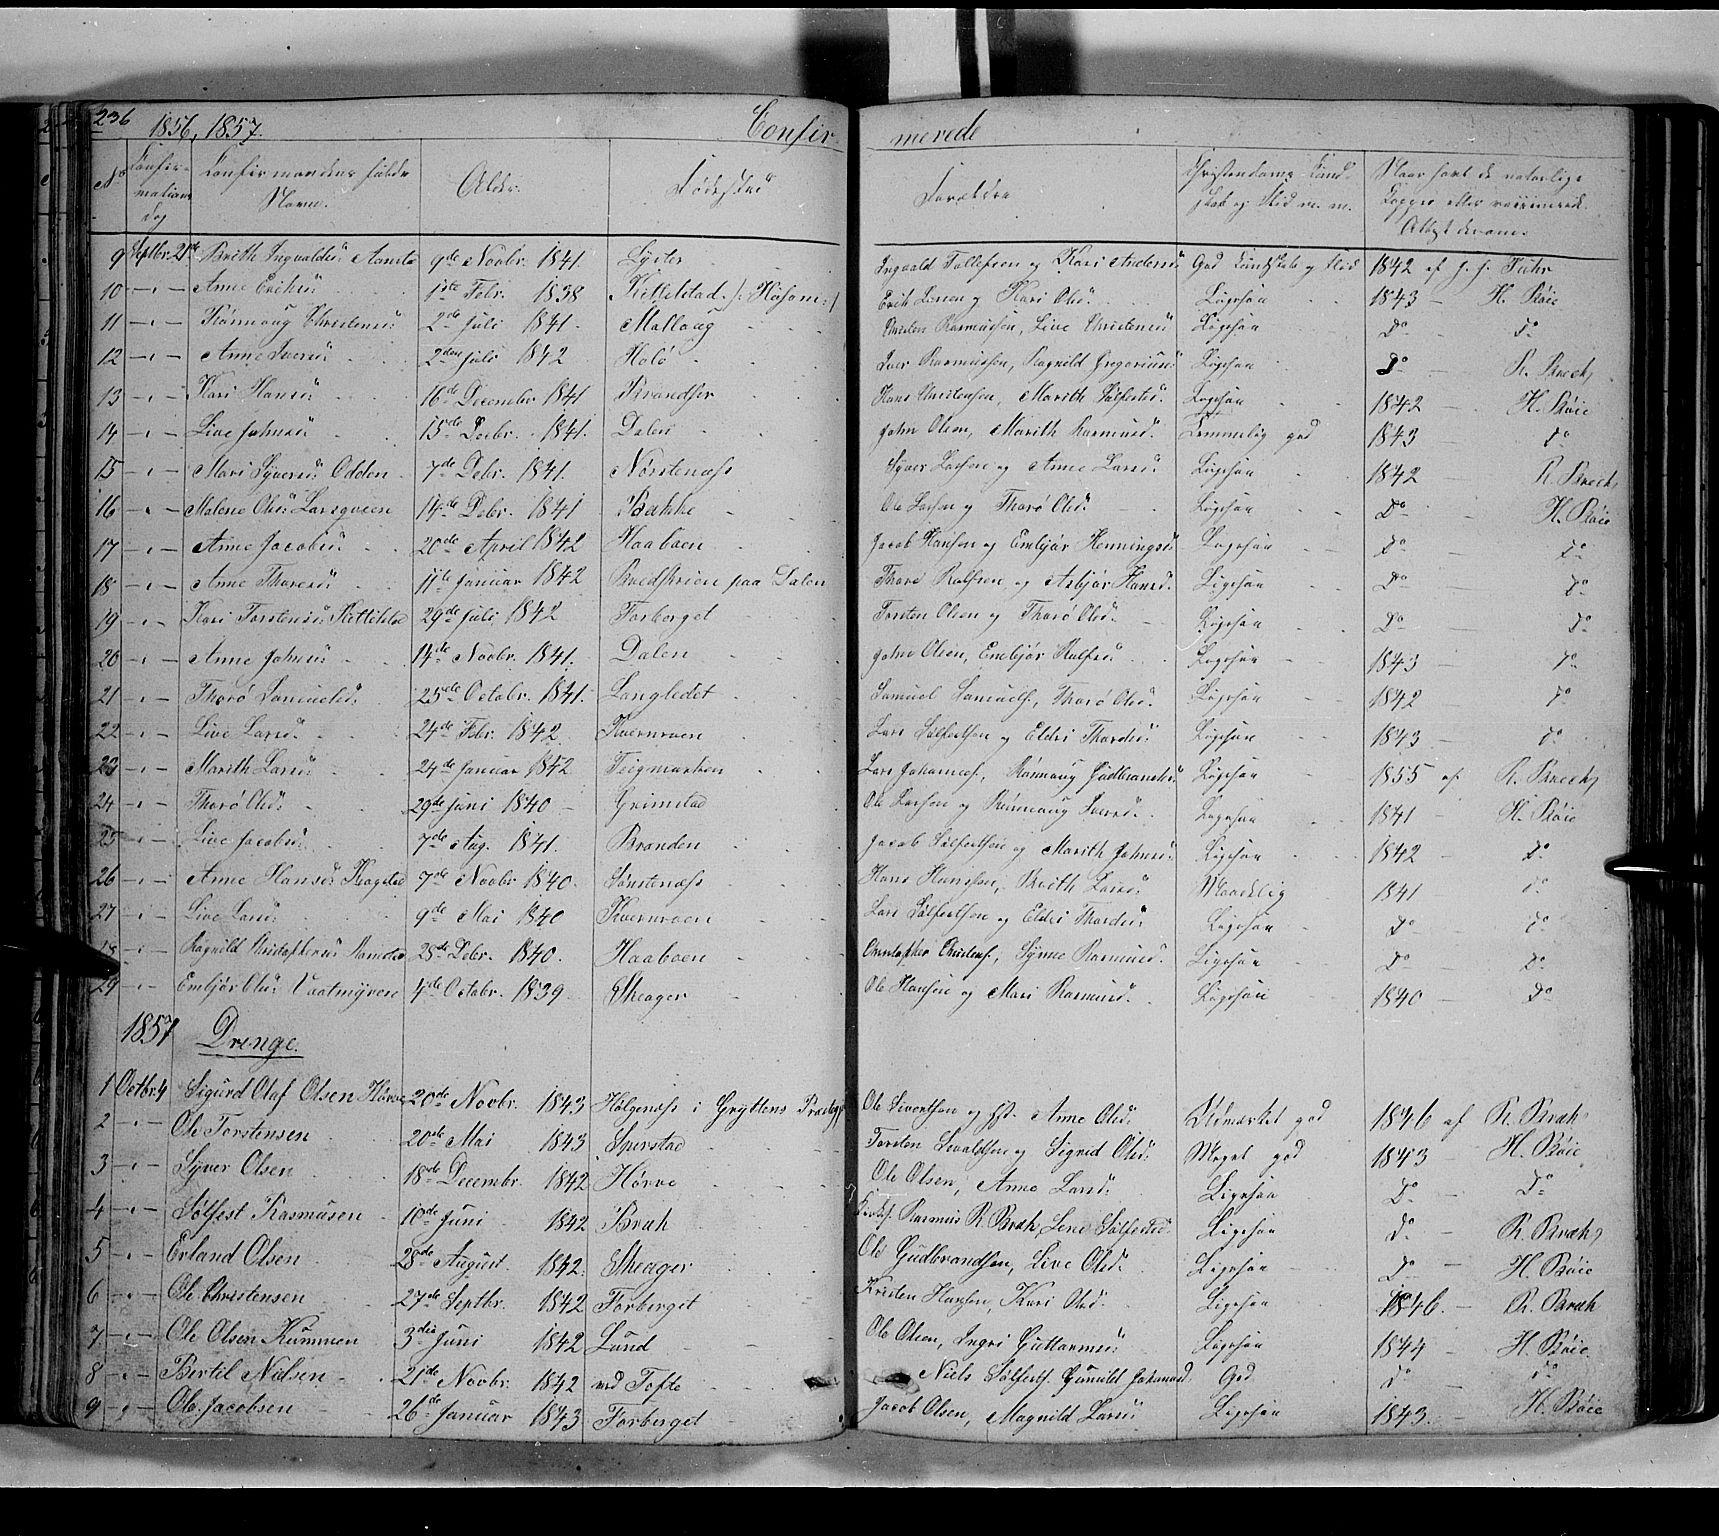 SAH, Lom prestekontor, L/L0004: Klokkerbok nr. 4, 1845-1864, s. 236-237